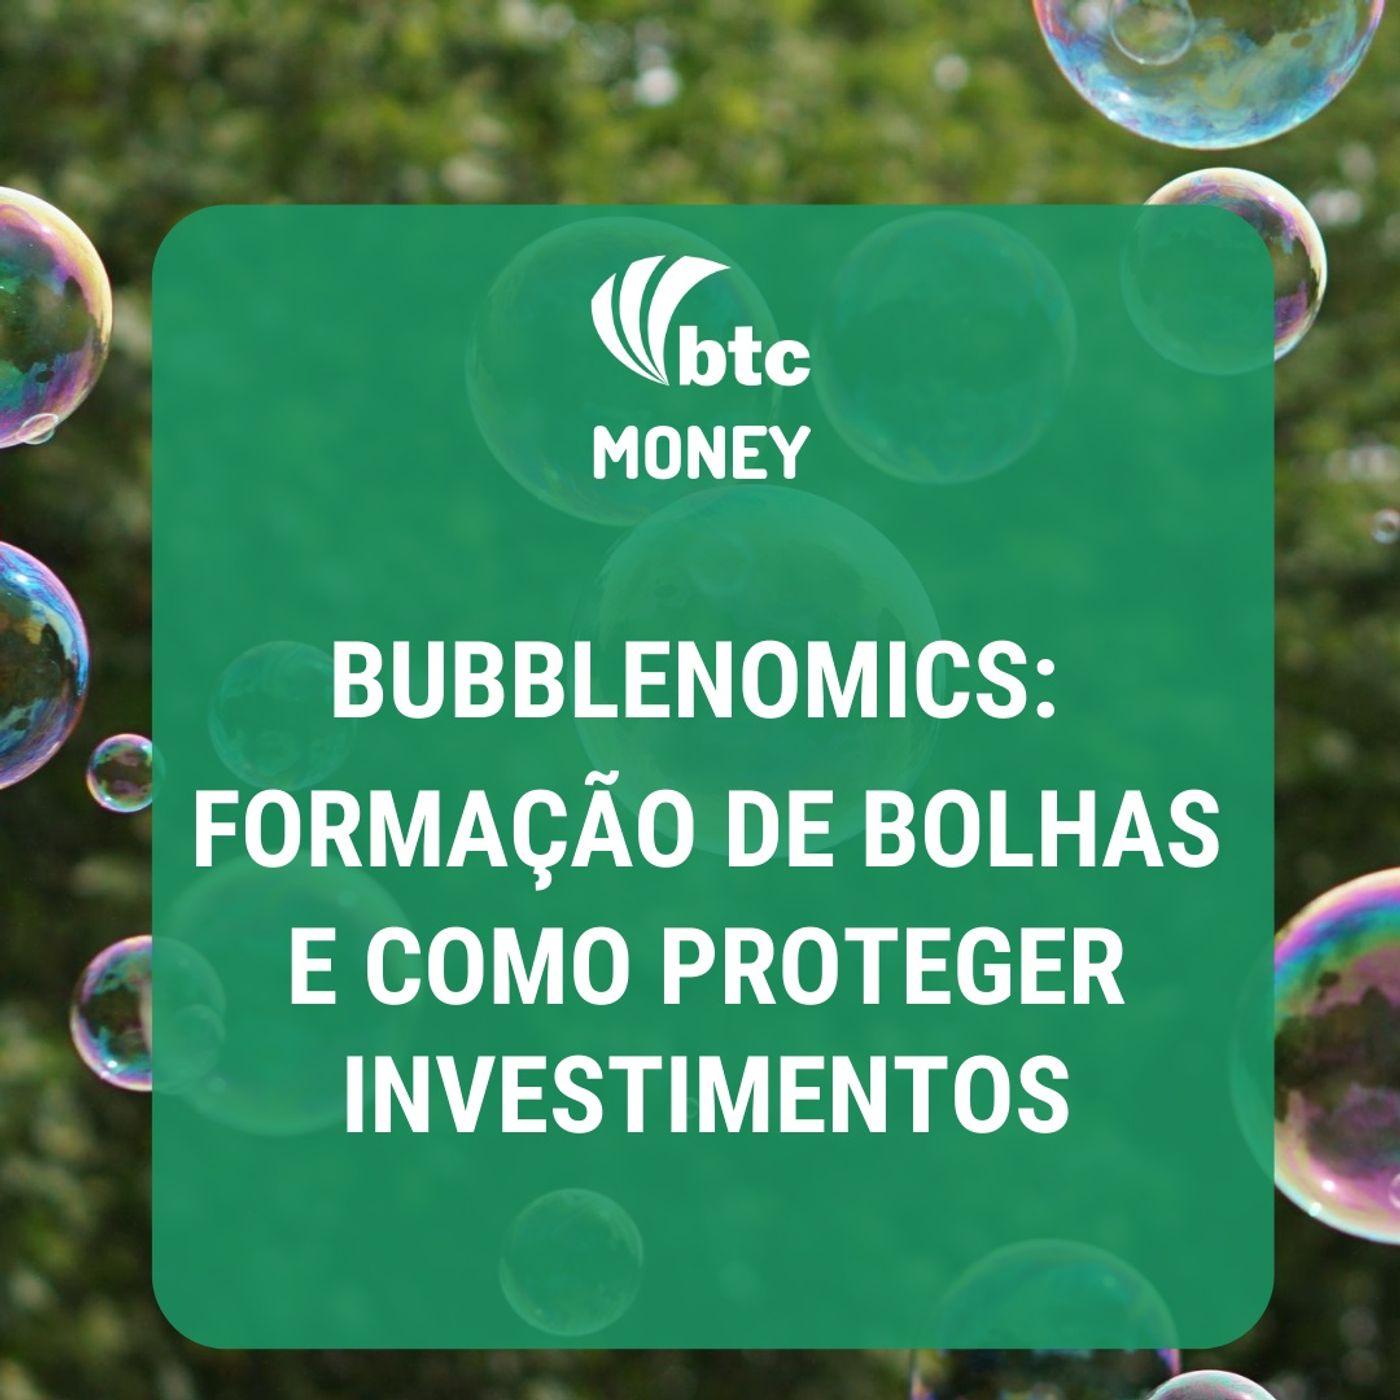 Bubblenomics: Formação de bolhas e como proteger investimentos | BTC Money #29